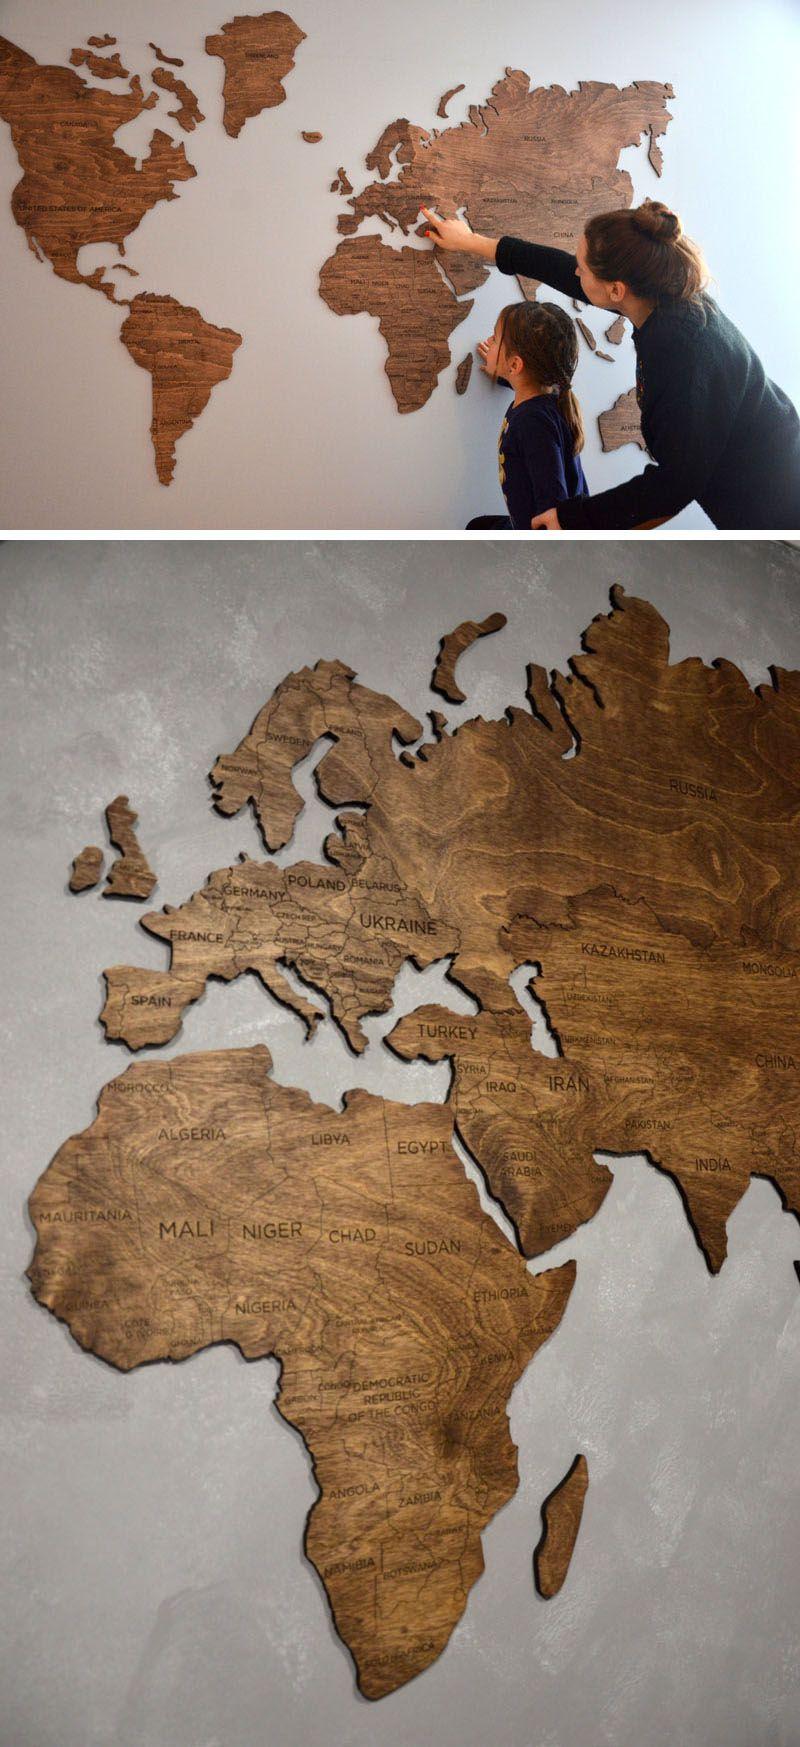 10 world map poster art for wall mapamundi decoracin y madera world map poster art for wall gumiabroncs Images